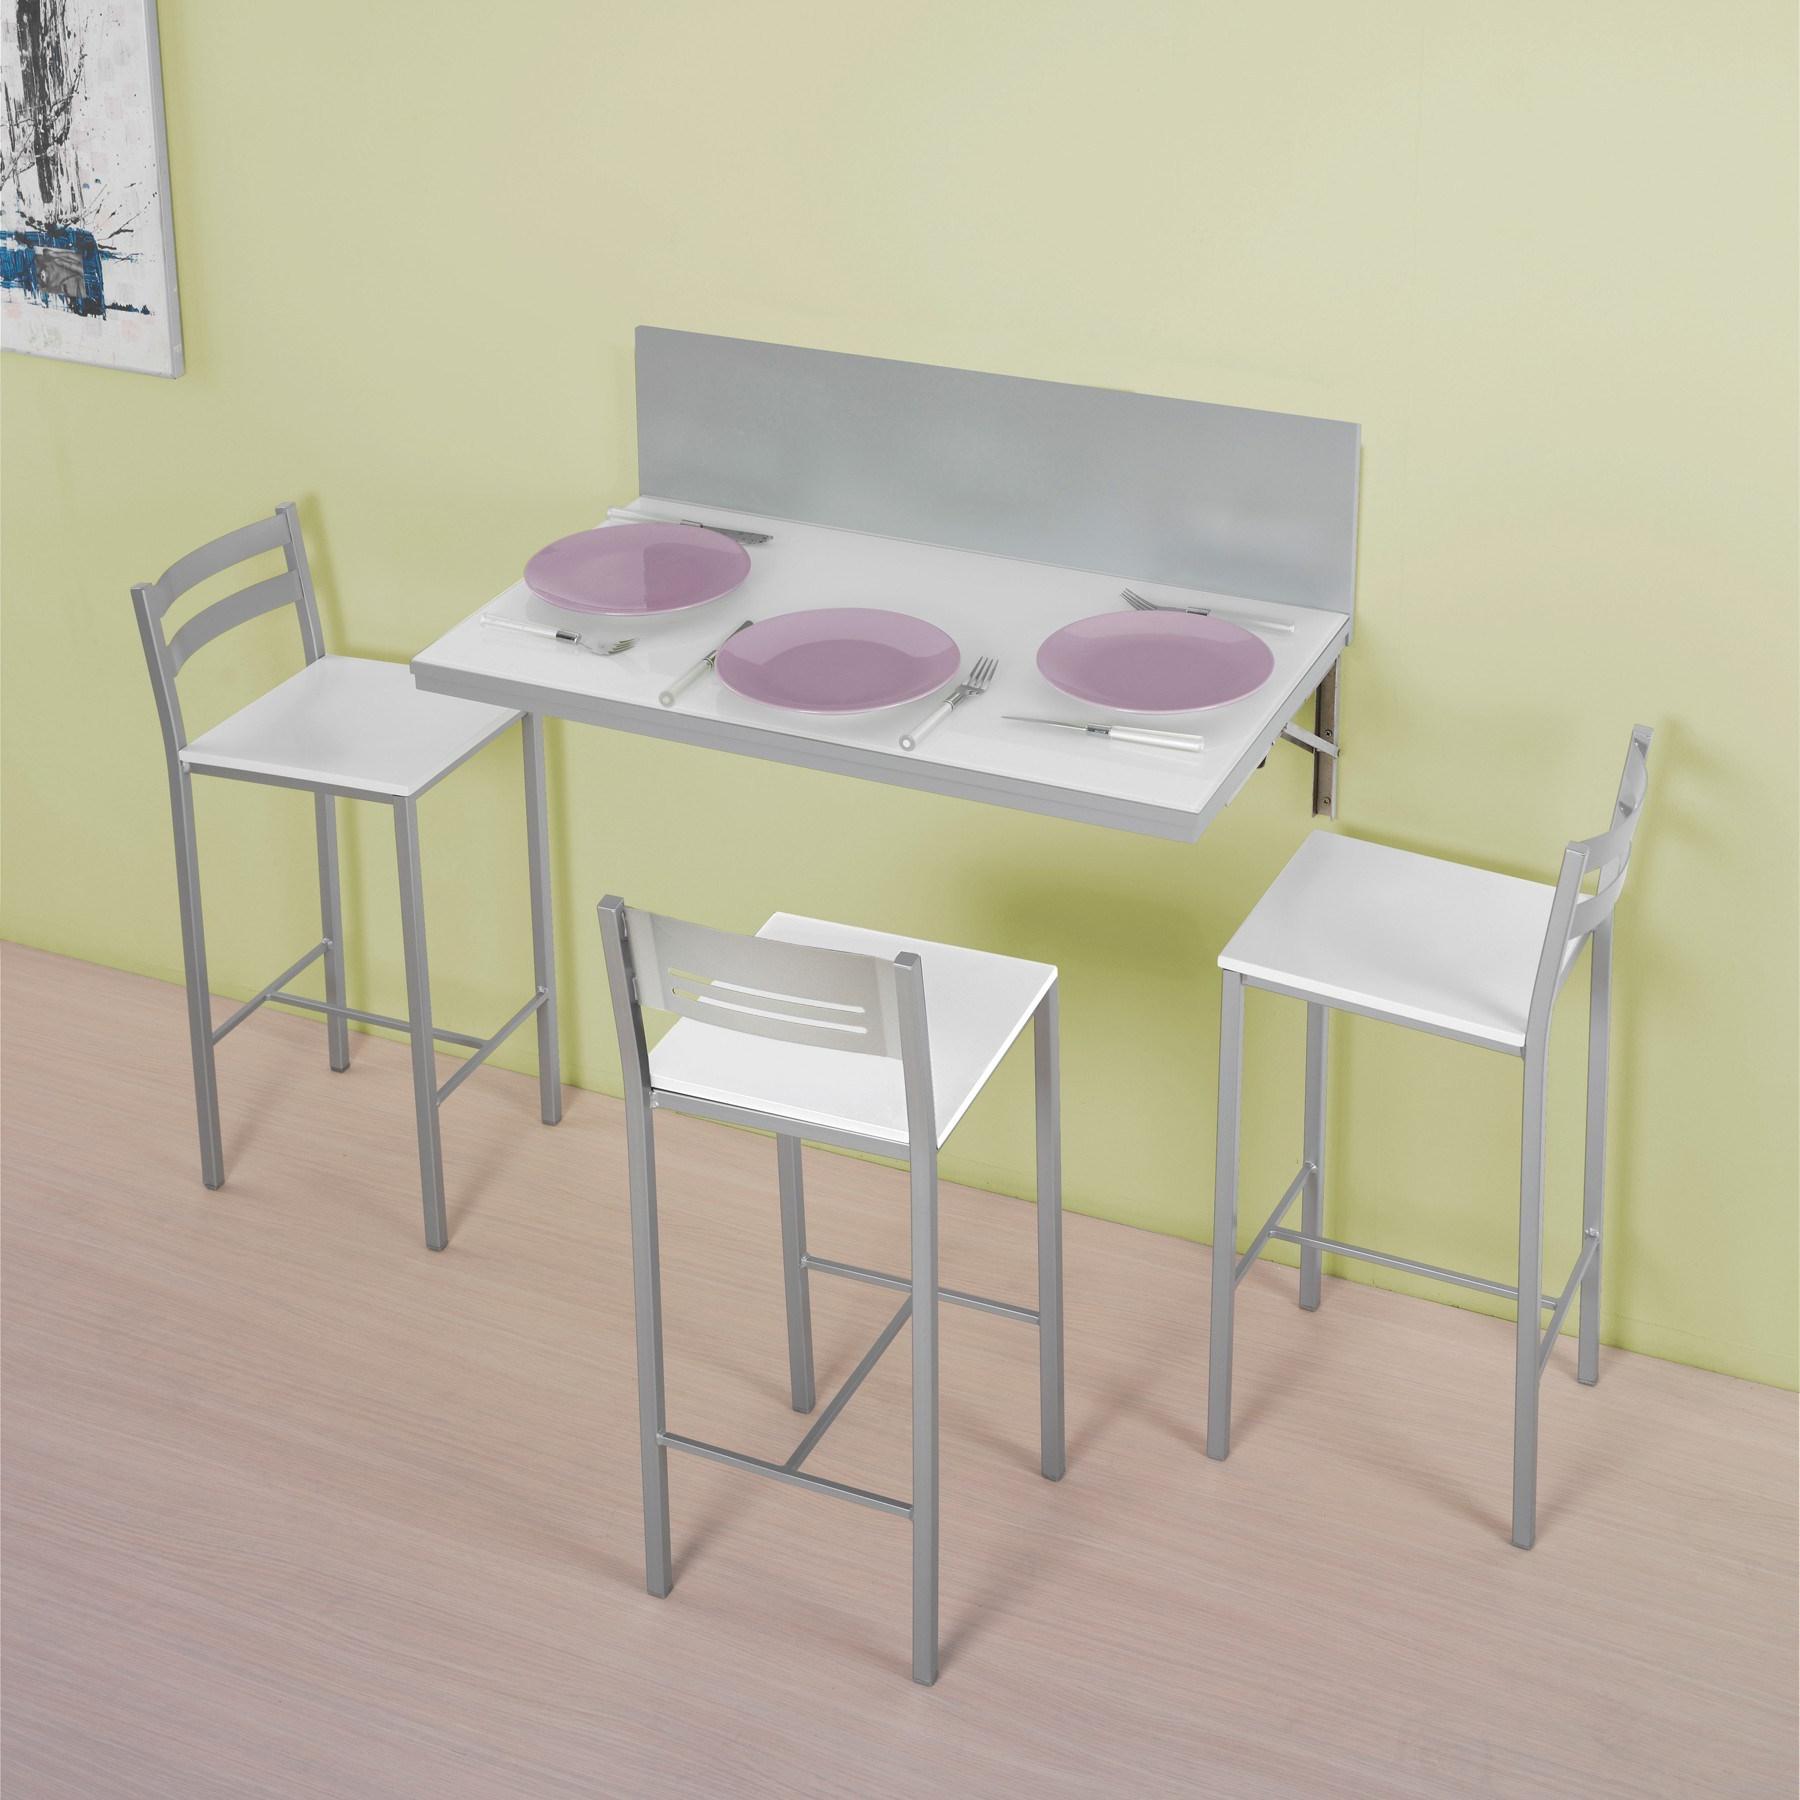 Mesas Plegables Para Cocina Nkde Mesas Cocina Plegables Mesas De Cocina Plegables Con Respecto A